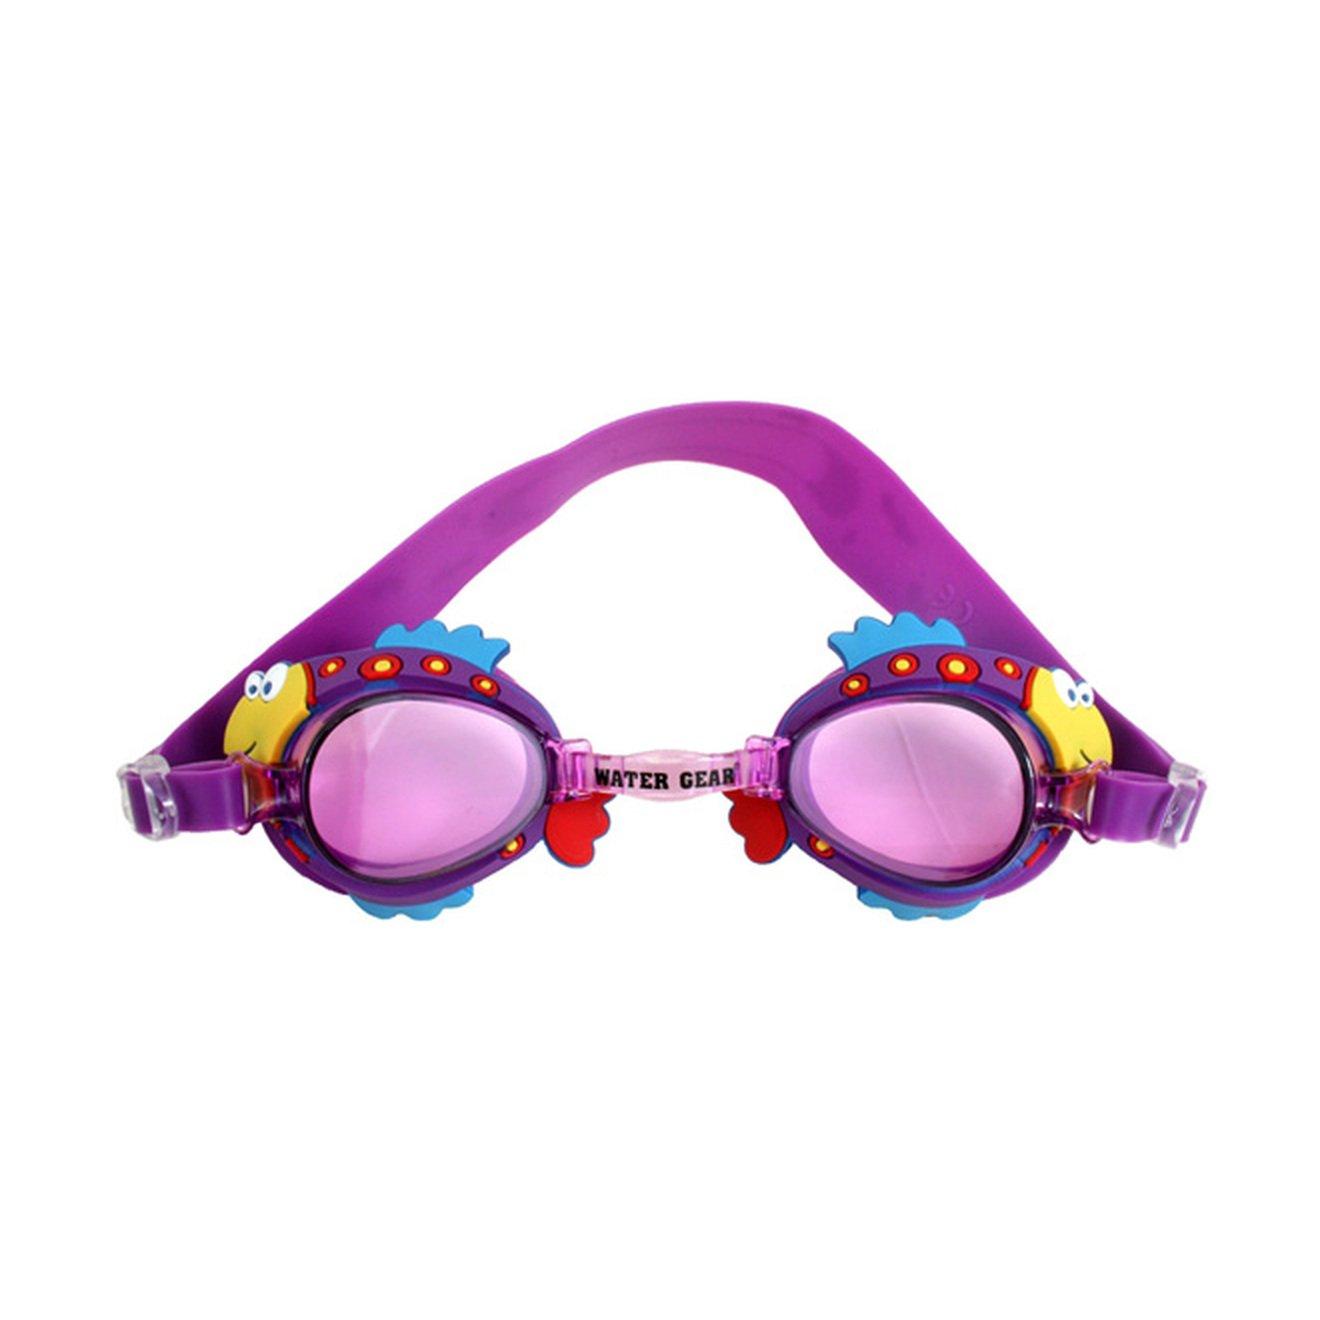 ad7e661a4f40 Amazon.com   Water Gear Animal Swim Swim Goggles Fish   Googles For Swimming    Sports   Outdoors